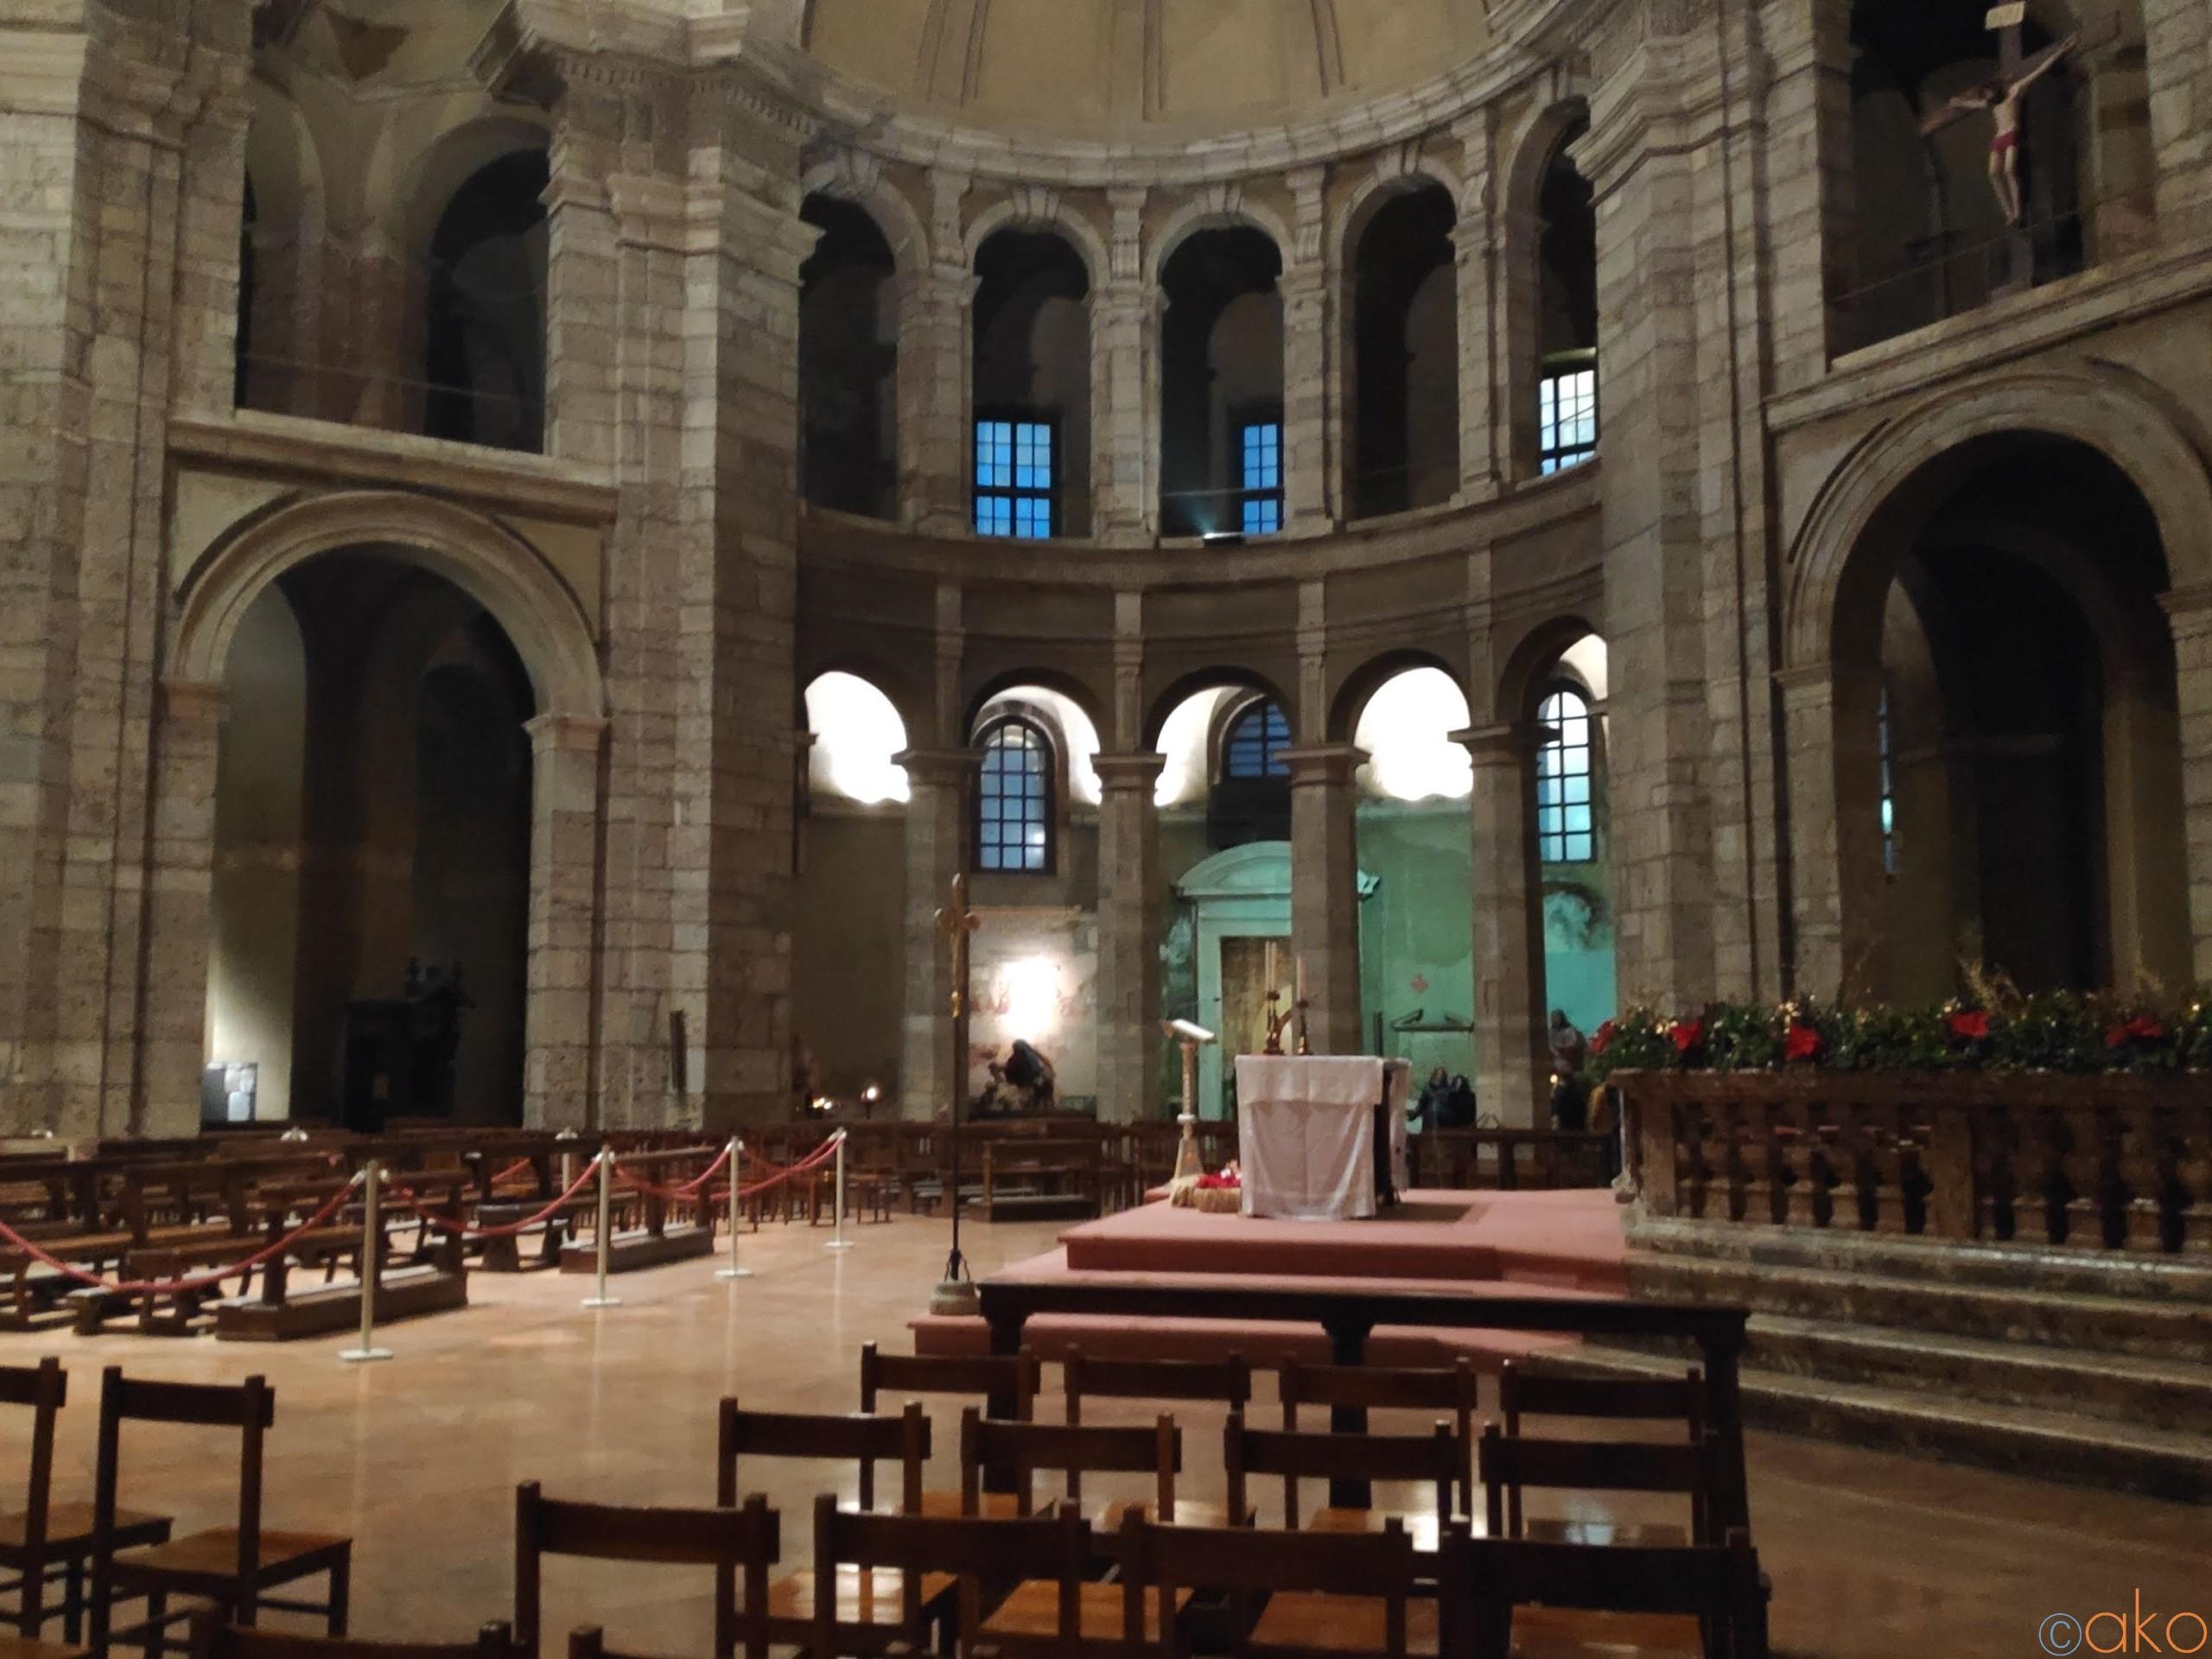 凛とした美しさ、ミラノの「サン・ロレンツォ大聖堂」の魅力。 | イタリア観光ガイド